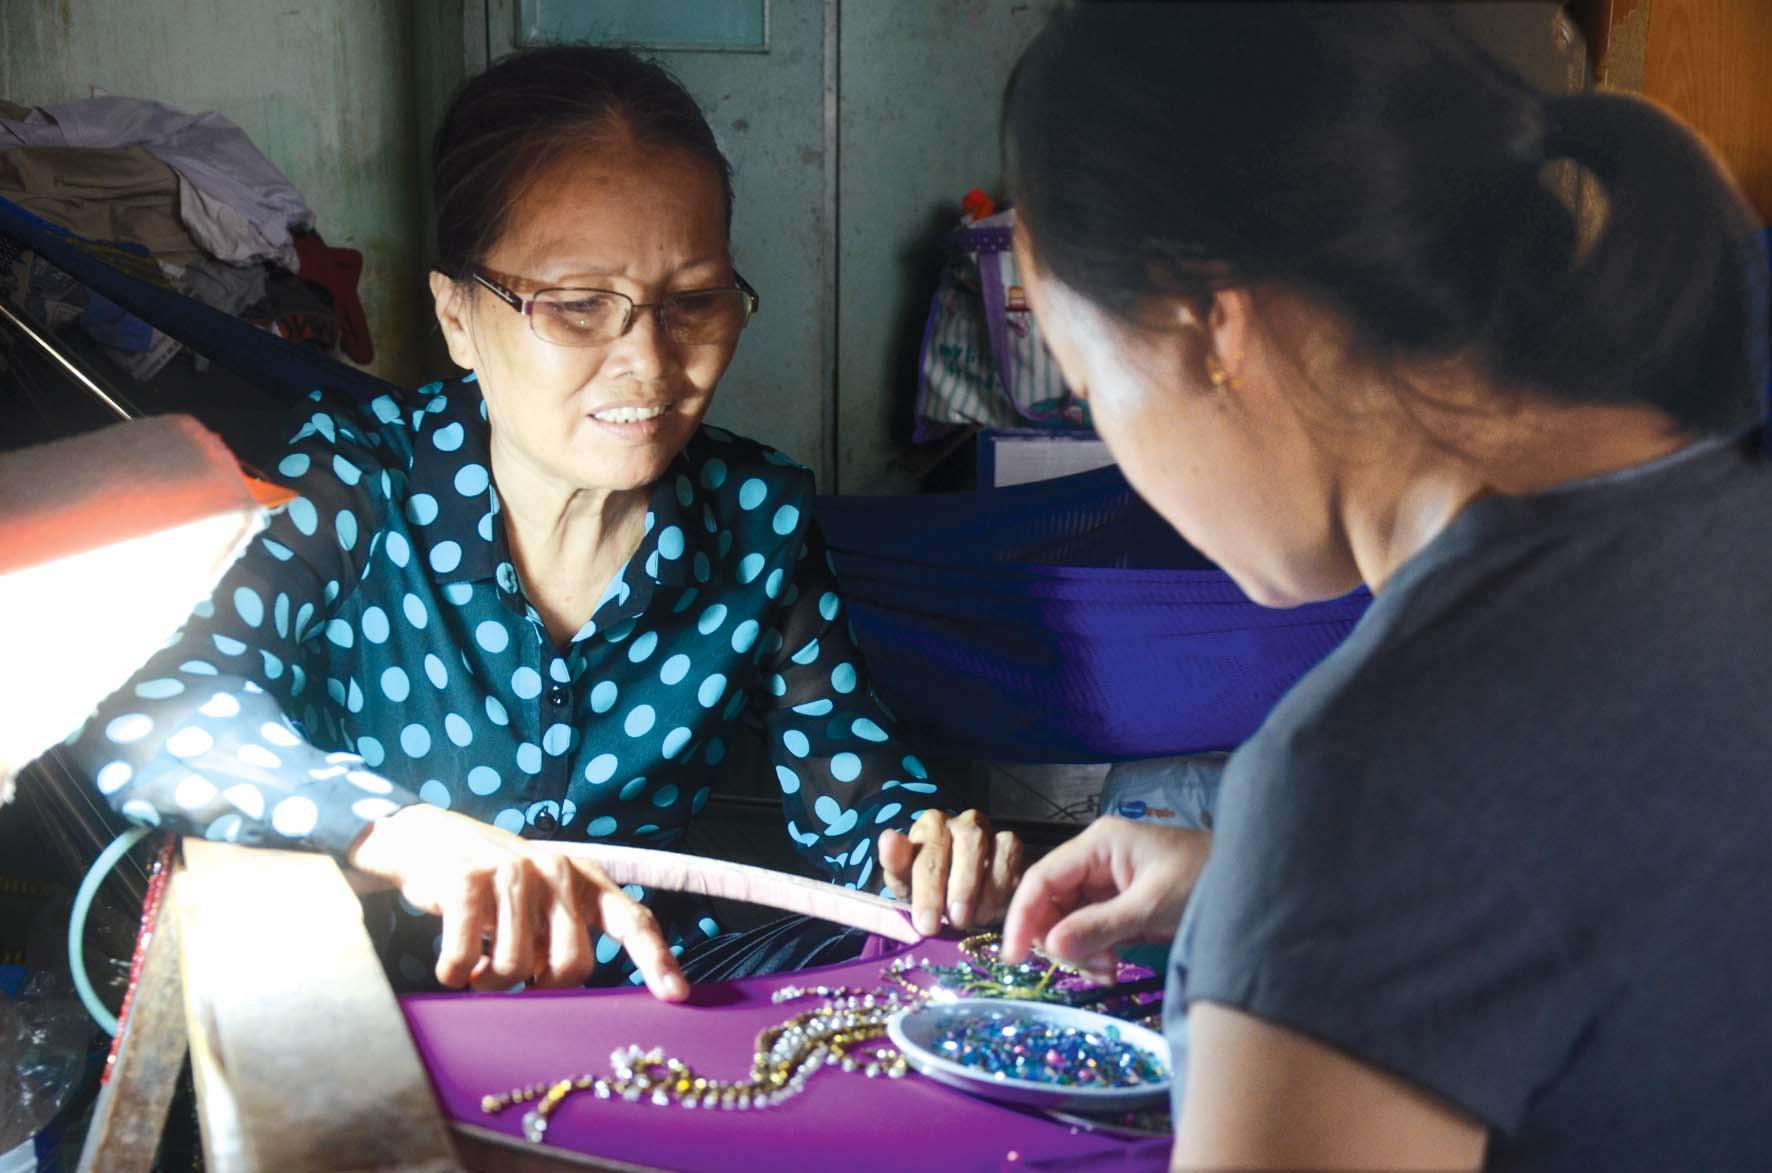 Nạn nhân nữ bị bạo hành (bìa phải) được chị Bích Thủy hướng dẫn nghề kết cườm trong thời gian tạm lánh tại địa chỉ  tin cậy cộng đồng